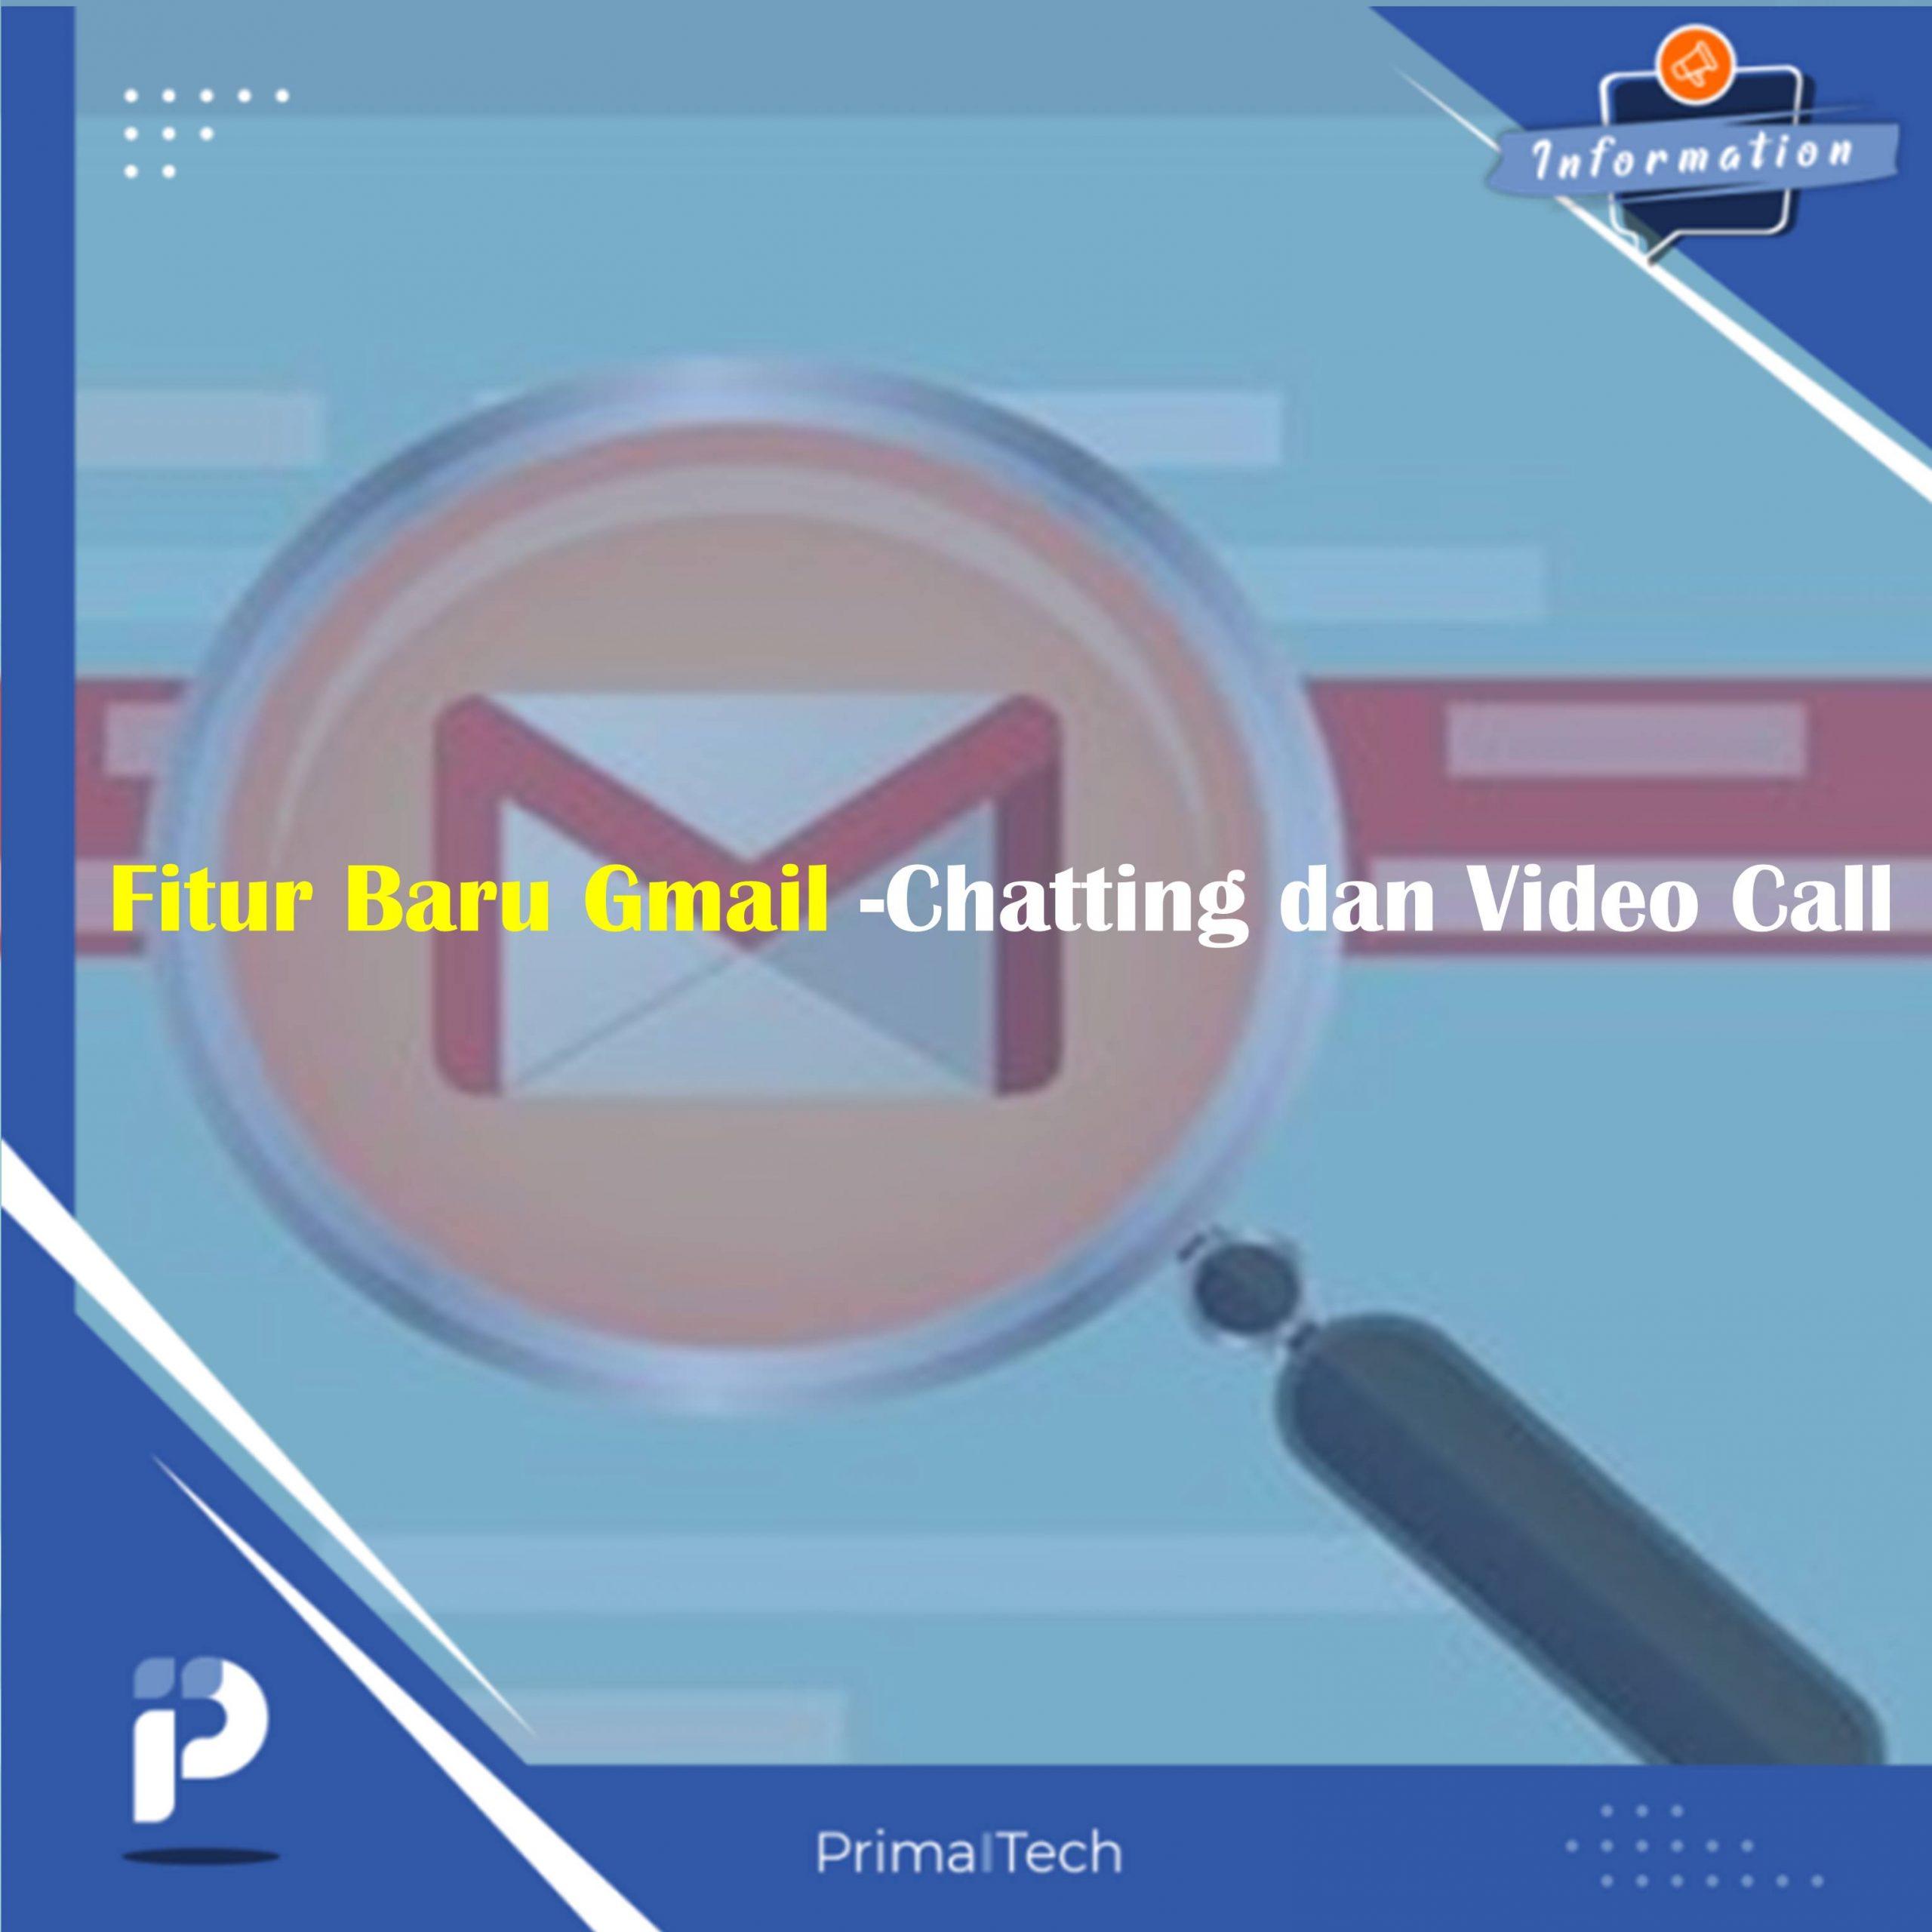 Fitur Baru Gmail- Chatting dan Video Call